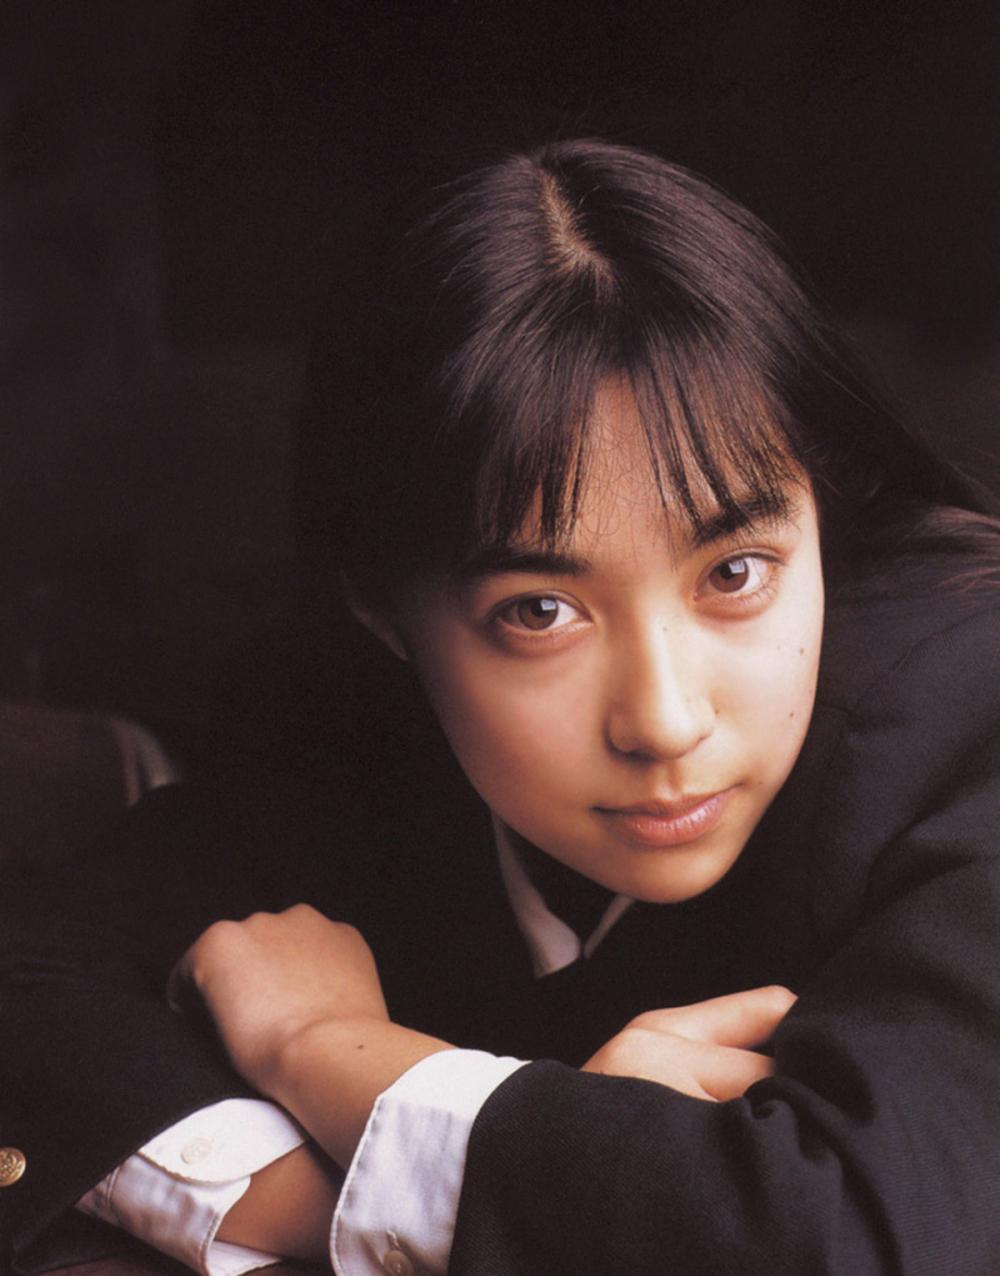 被锁在保险柜里的日本艺人吹石一惠的写真作品 (47)